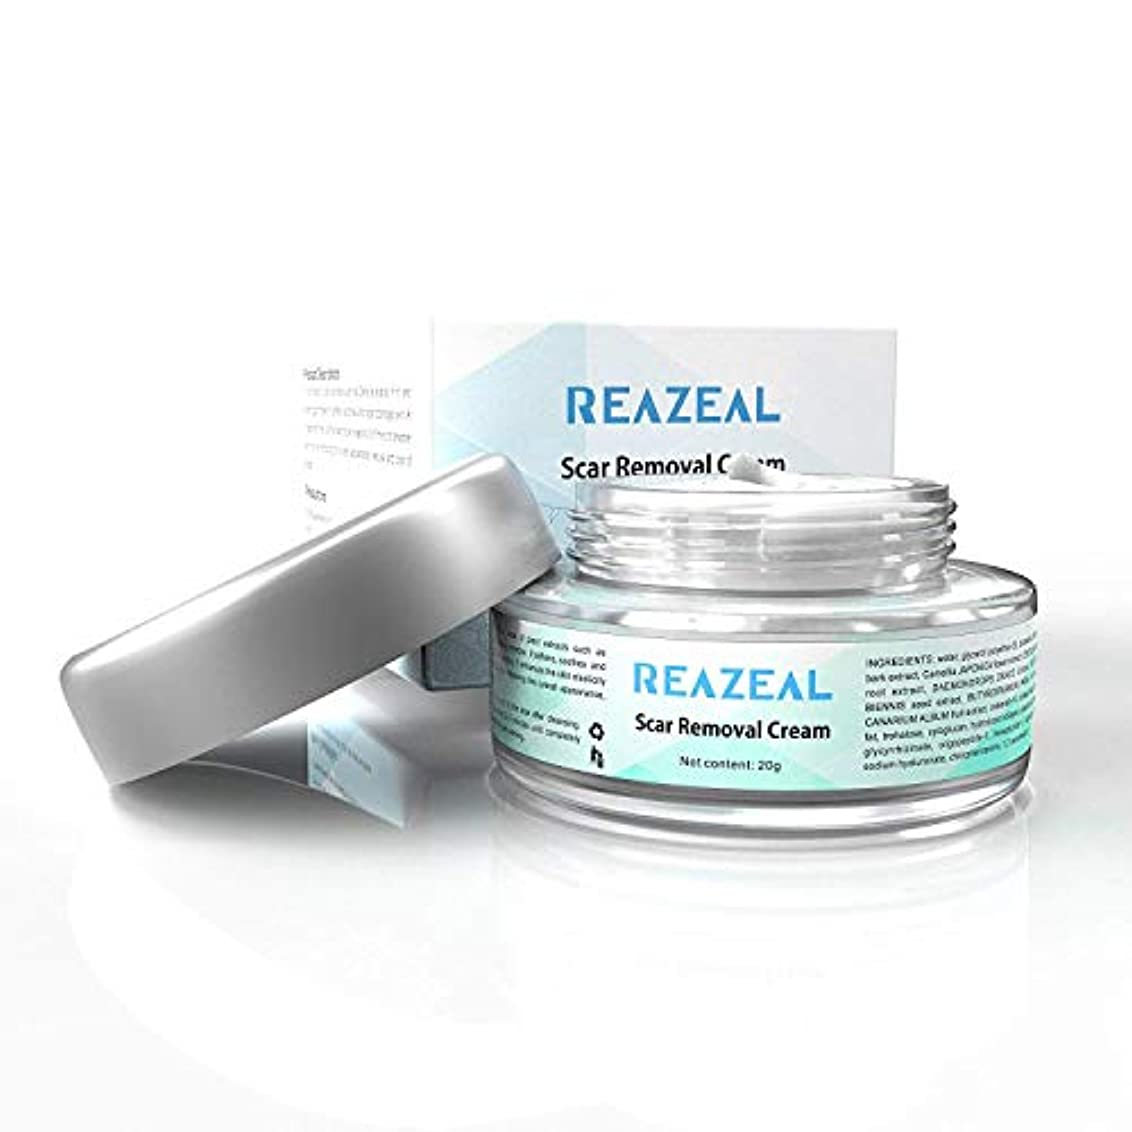 変成器松明英語の授業がありますScar Cream Acne Scar Removal Cream for Old & New Scars on Face & Body Scar Treatment for Cuts Natural Herbal Extracts Formula Burns Repair,Face Skin Repair Cream 【並行輸入品】